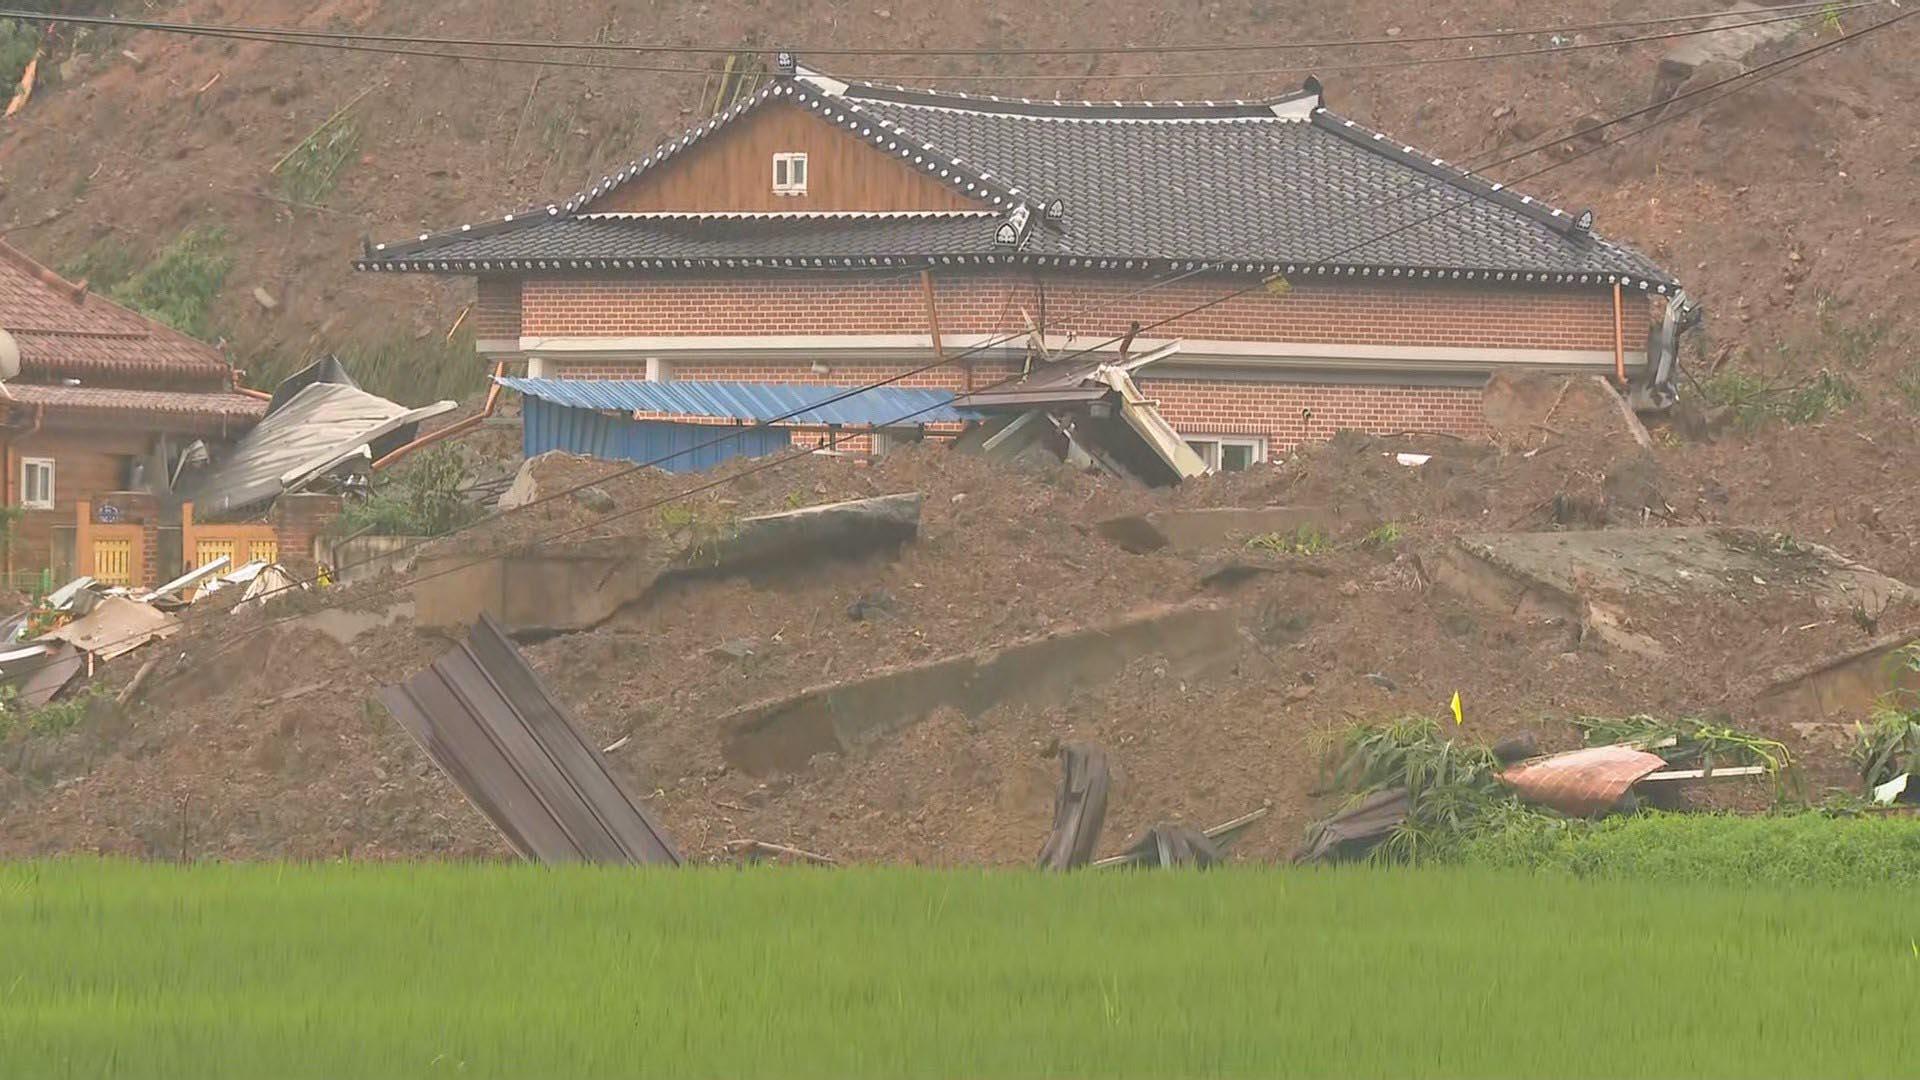 큰 소리 나더니 뒷산 와르르…곡성 산사태로 5명 사망